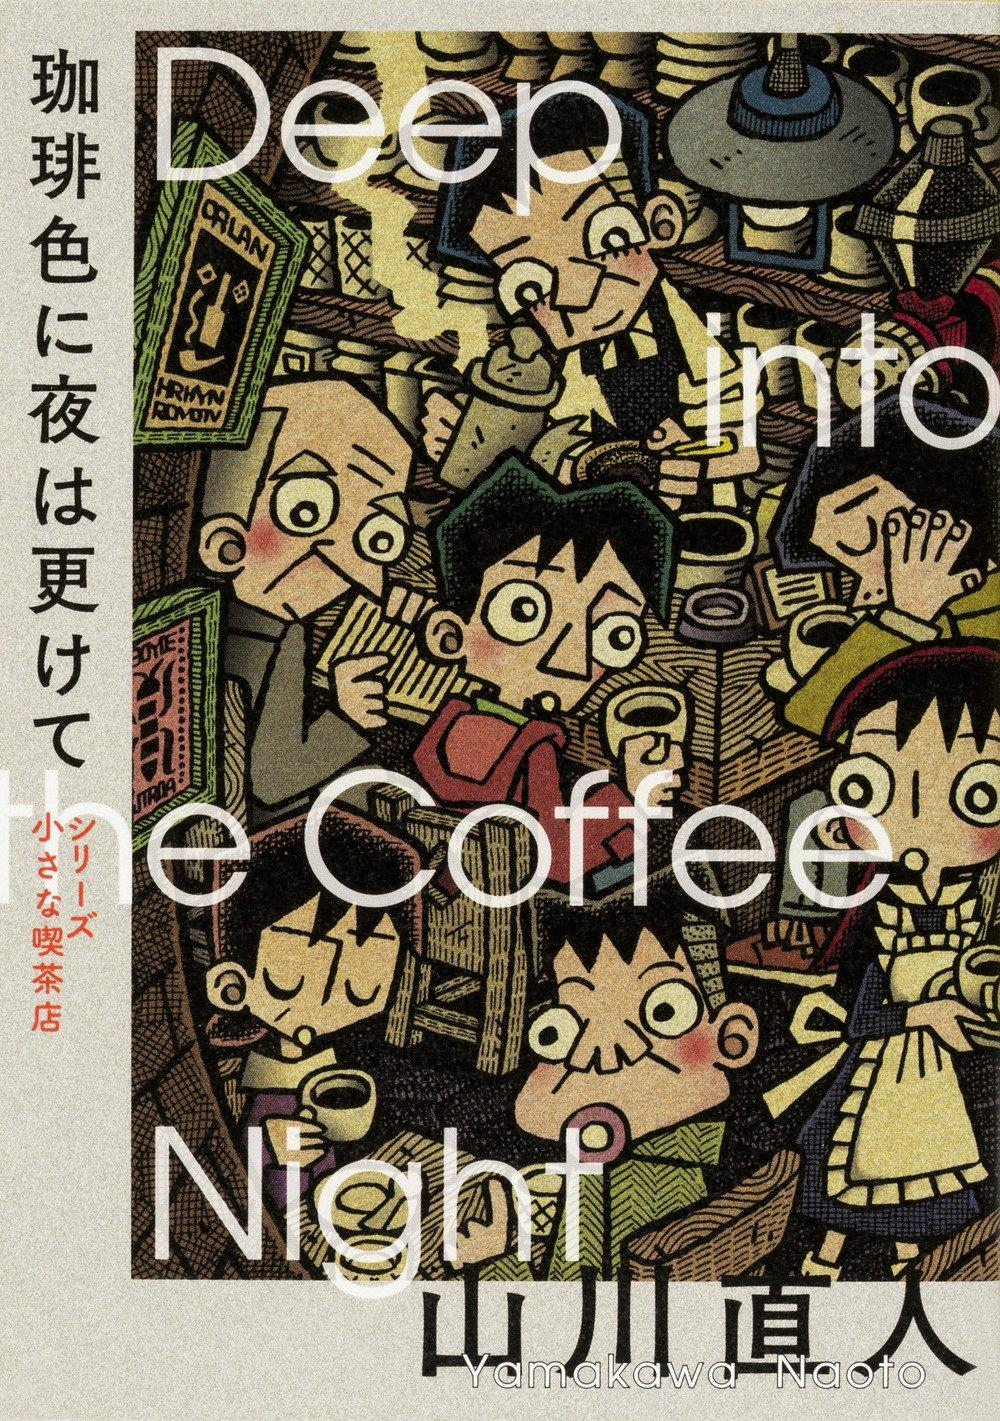 珈琲色に夜は更けて シリーズ 小さな喫茶店